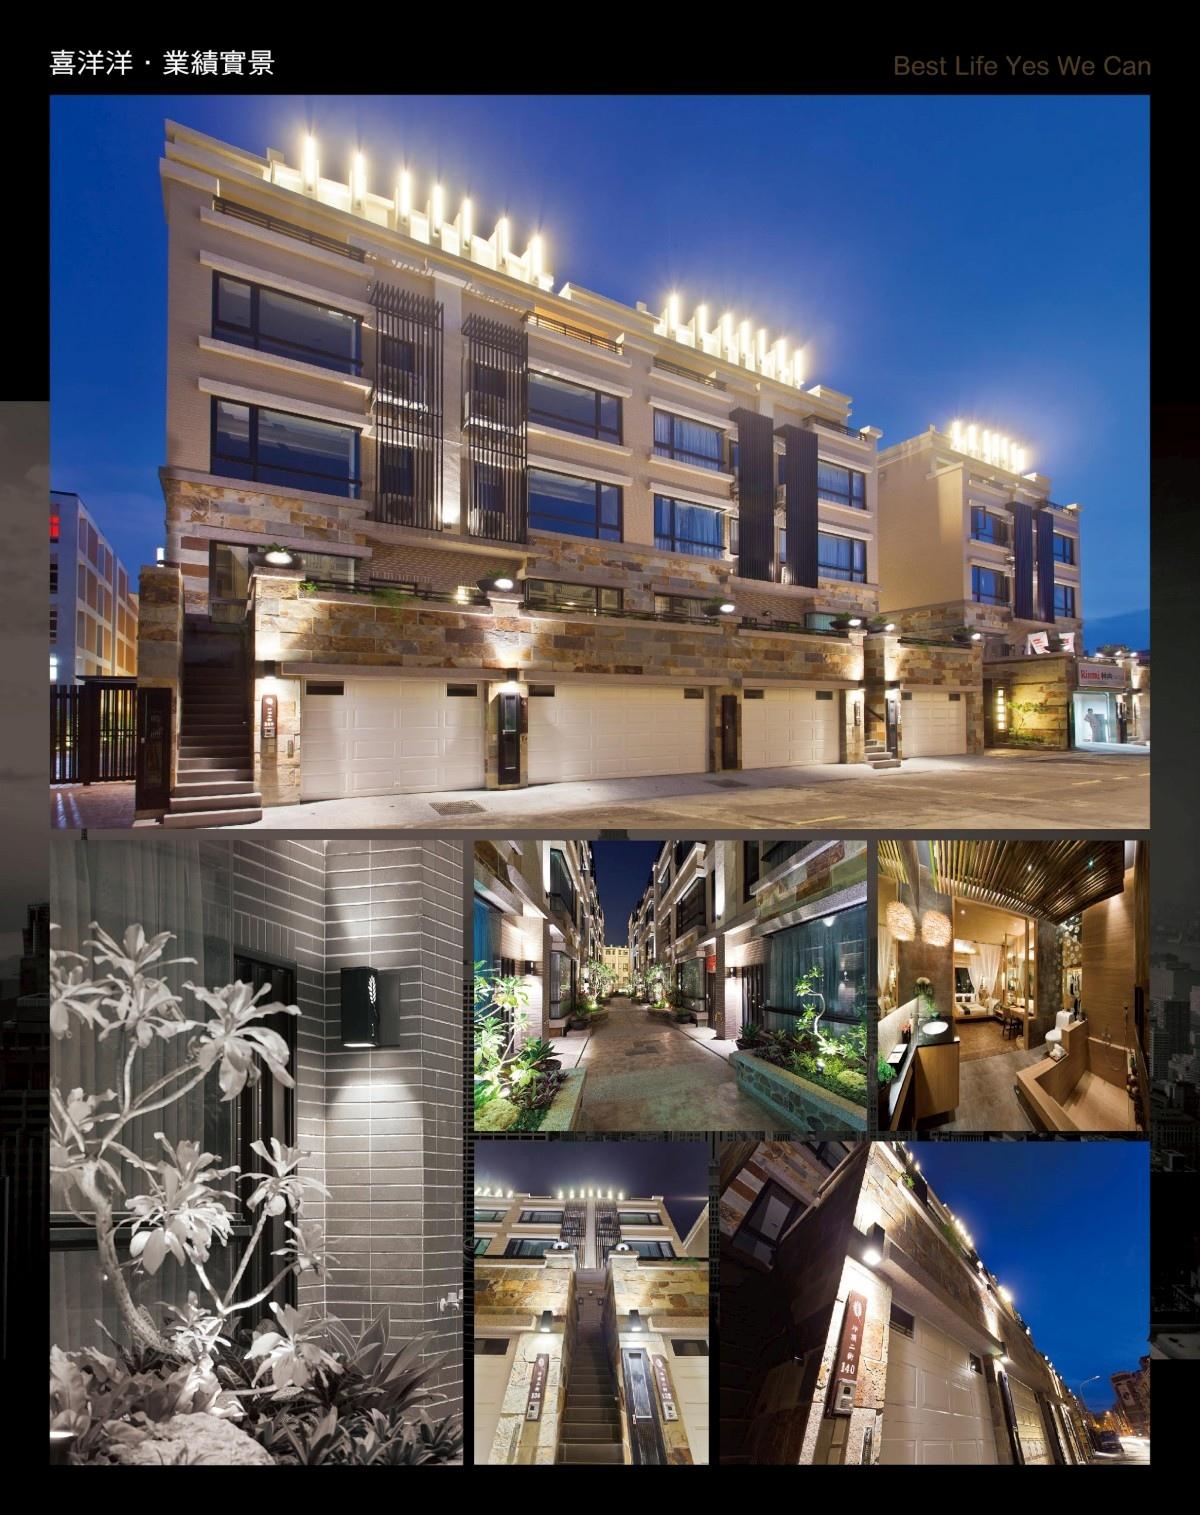 [新豐福陽] 寶福聚建設-新豐1號(大樓)2015-07-24 012.jpg